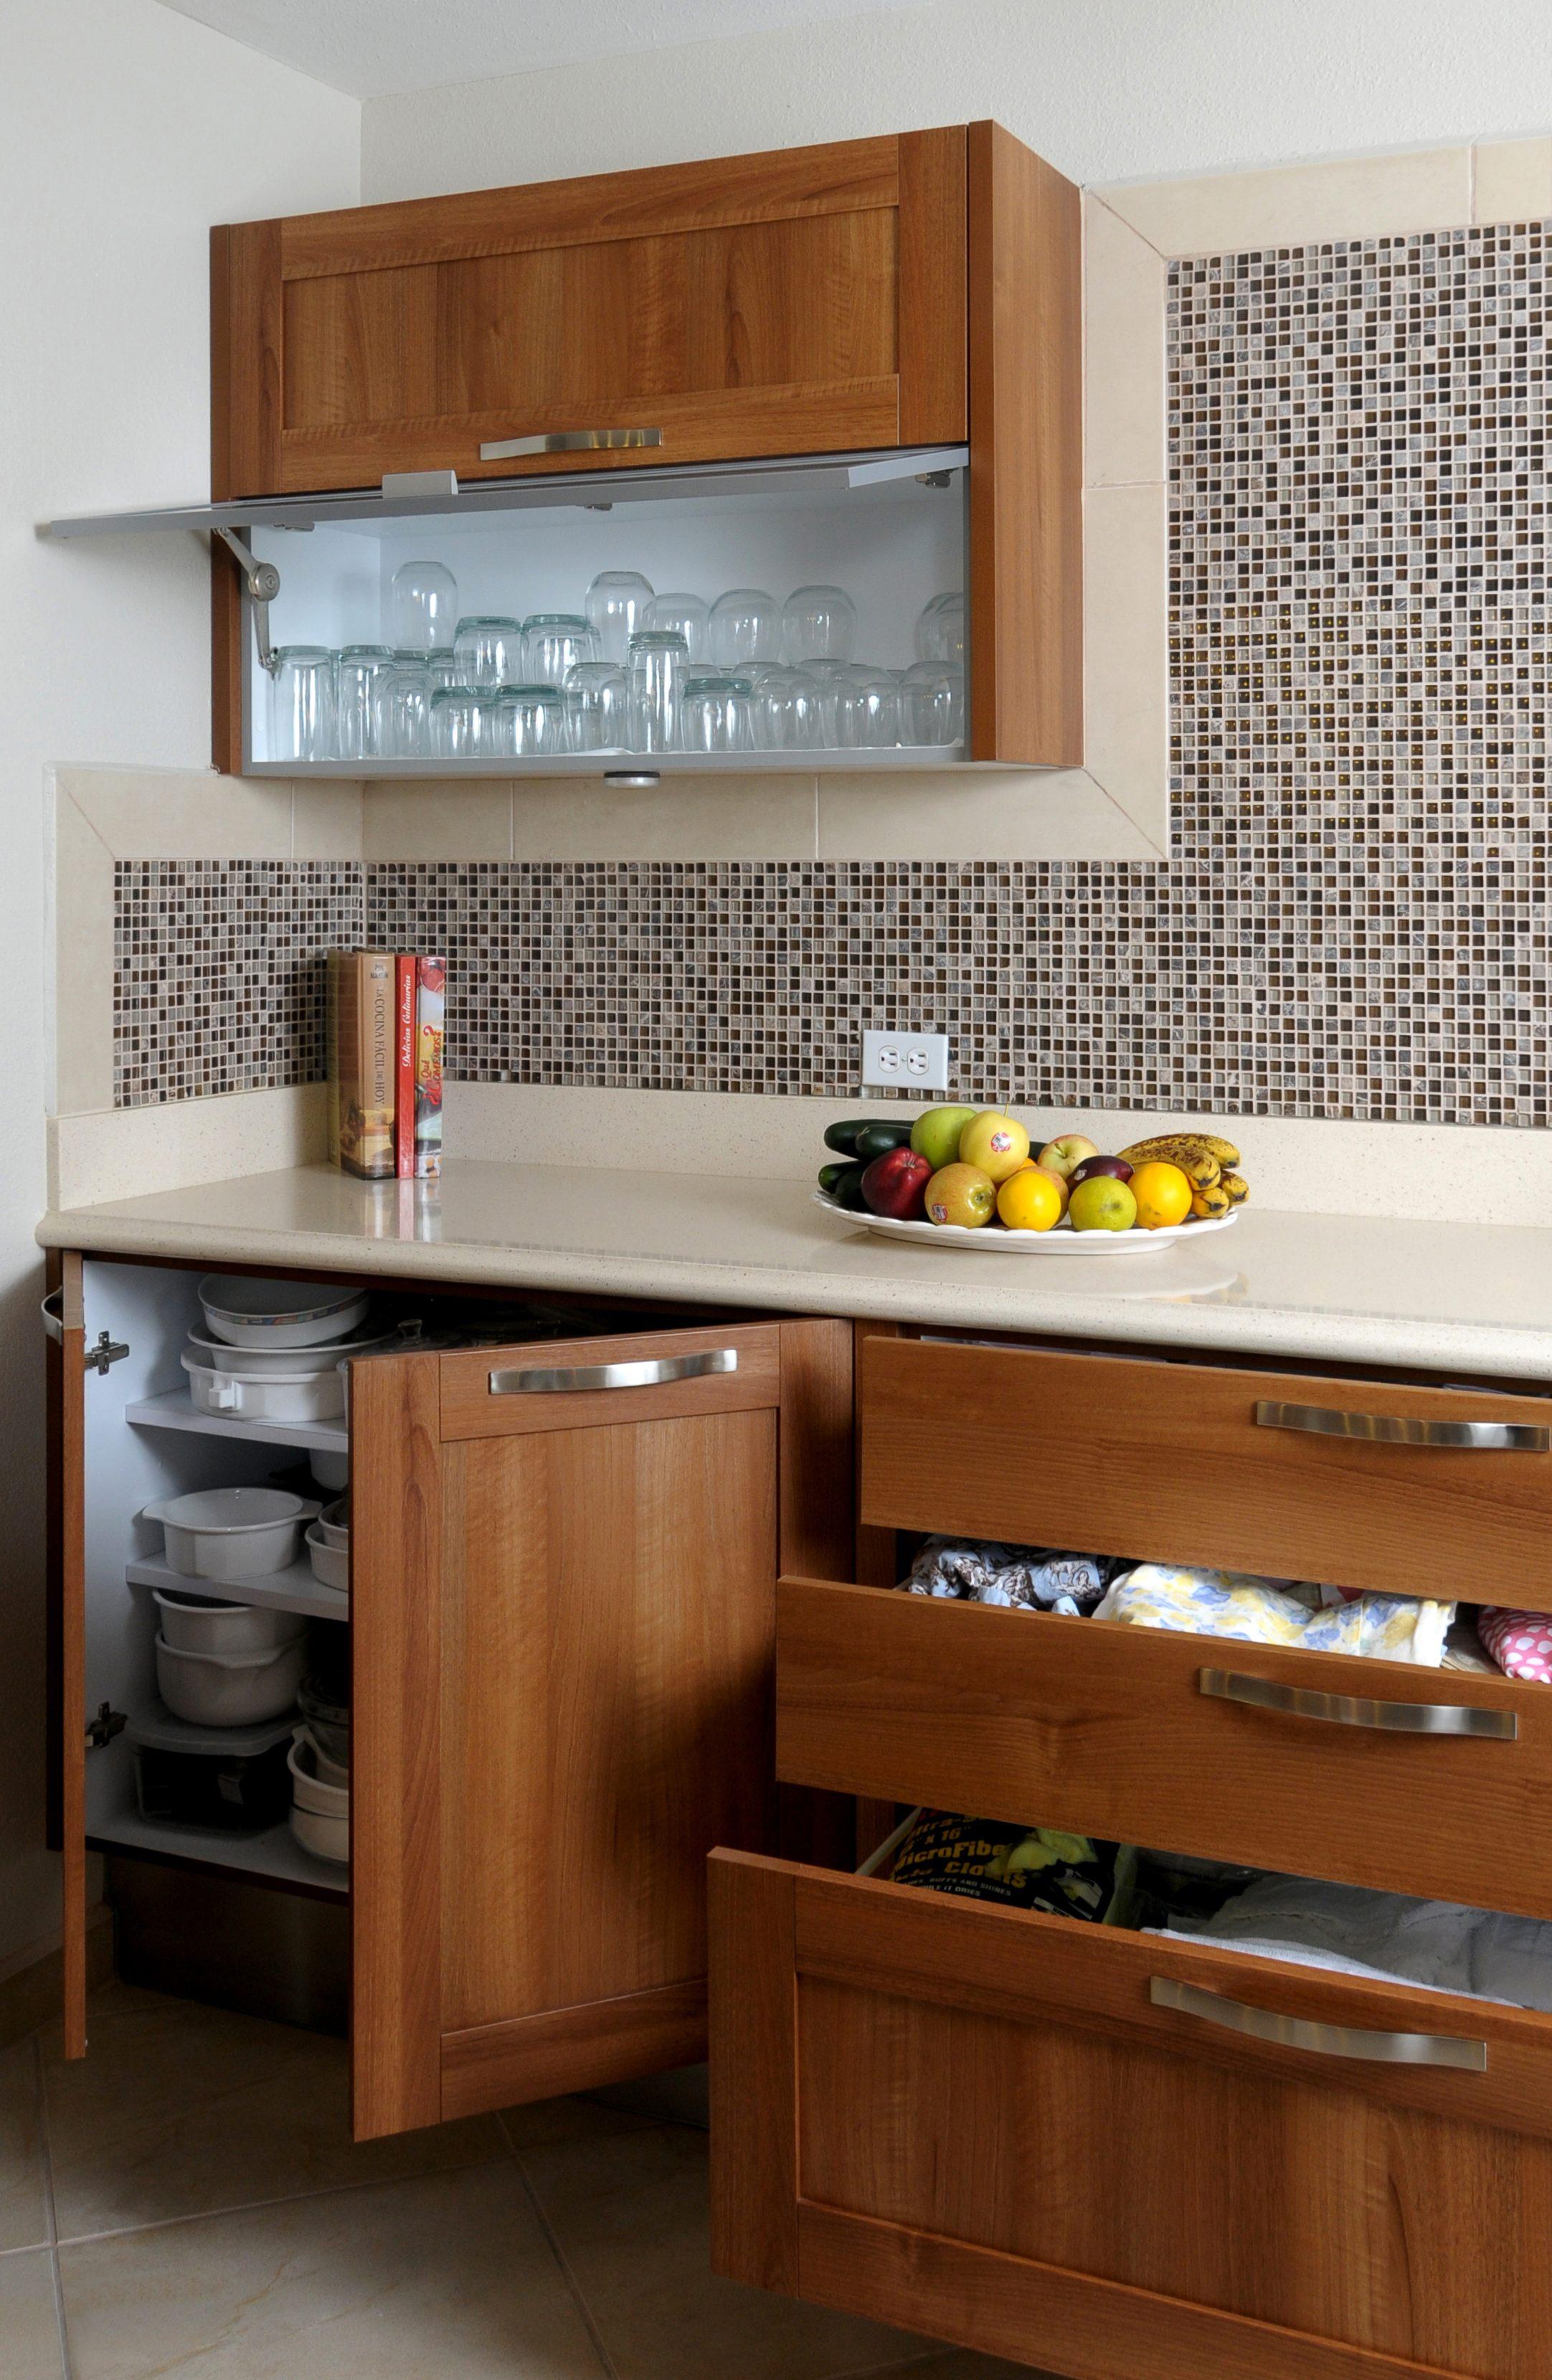 Conoce en las tiendas m dul studio nuestra colecci n de jaladeras blog de m dul studio - Herrajes para muebles cocina ...